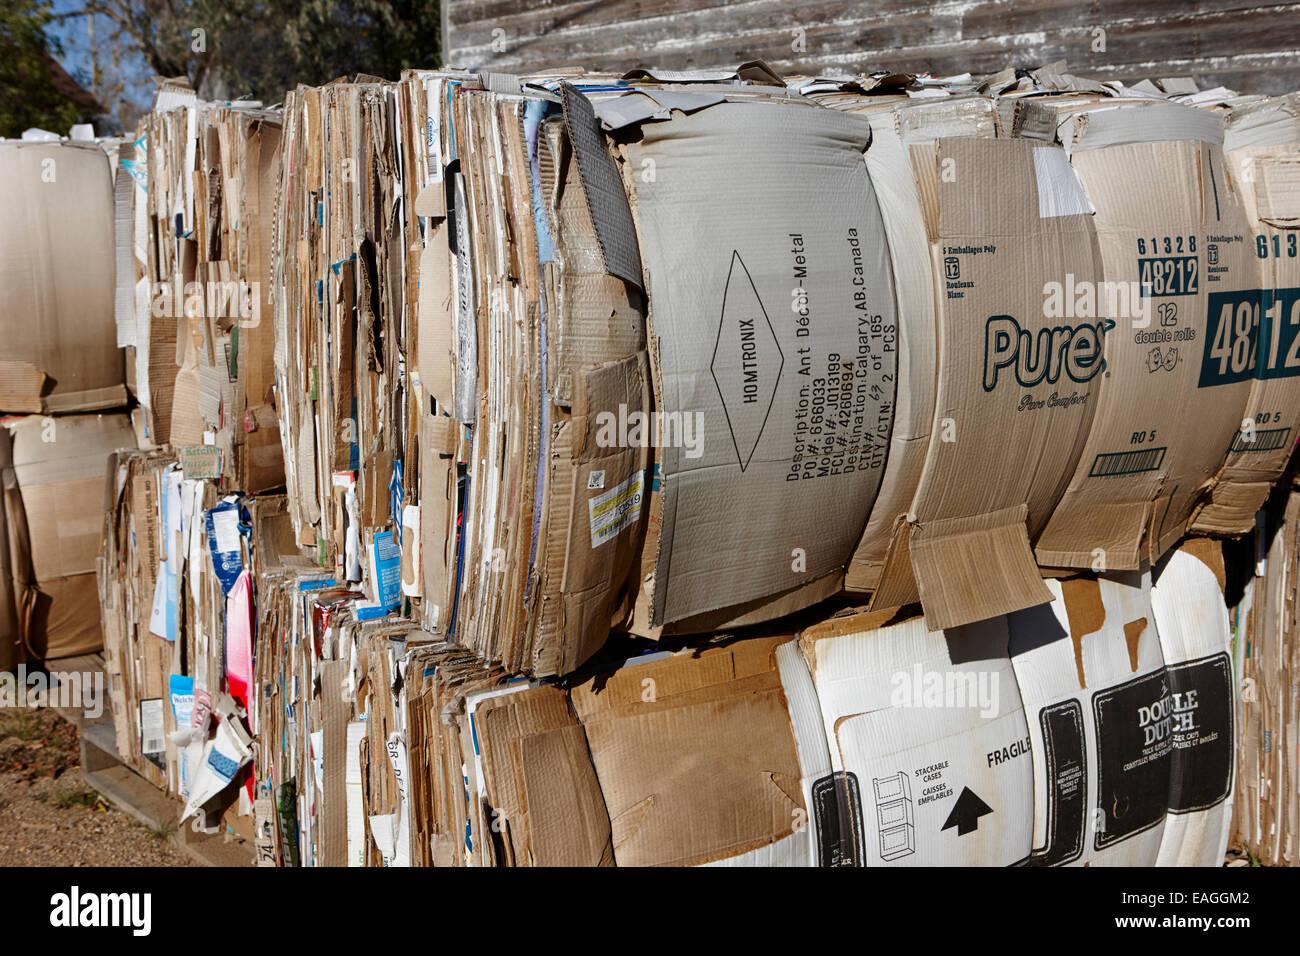 Fardos de cartón para reciclaje de Saskatchewan, Canadá Imagen De Stock